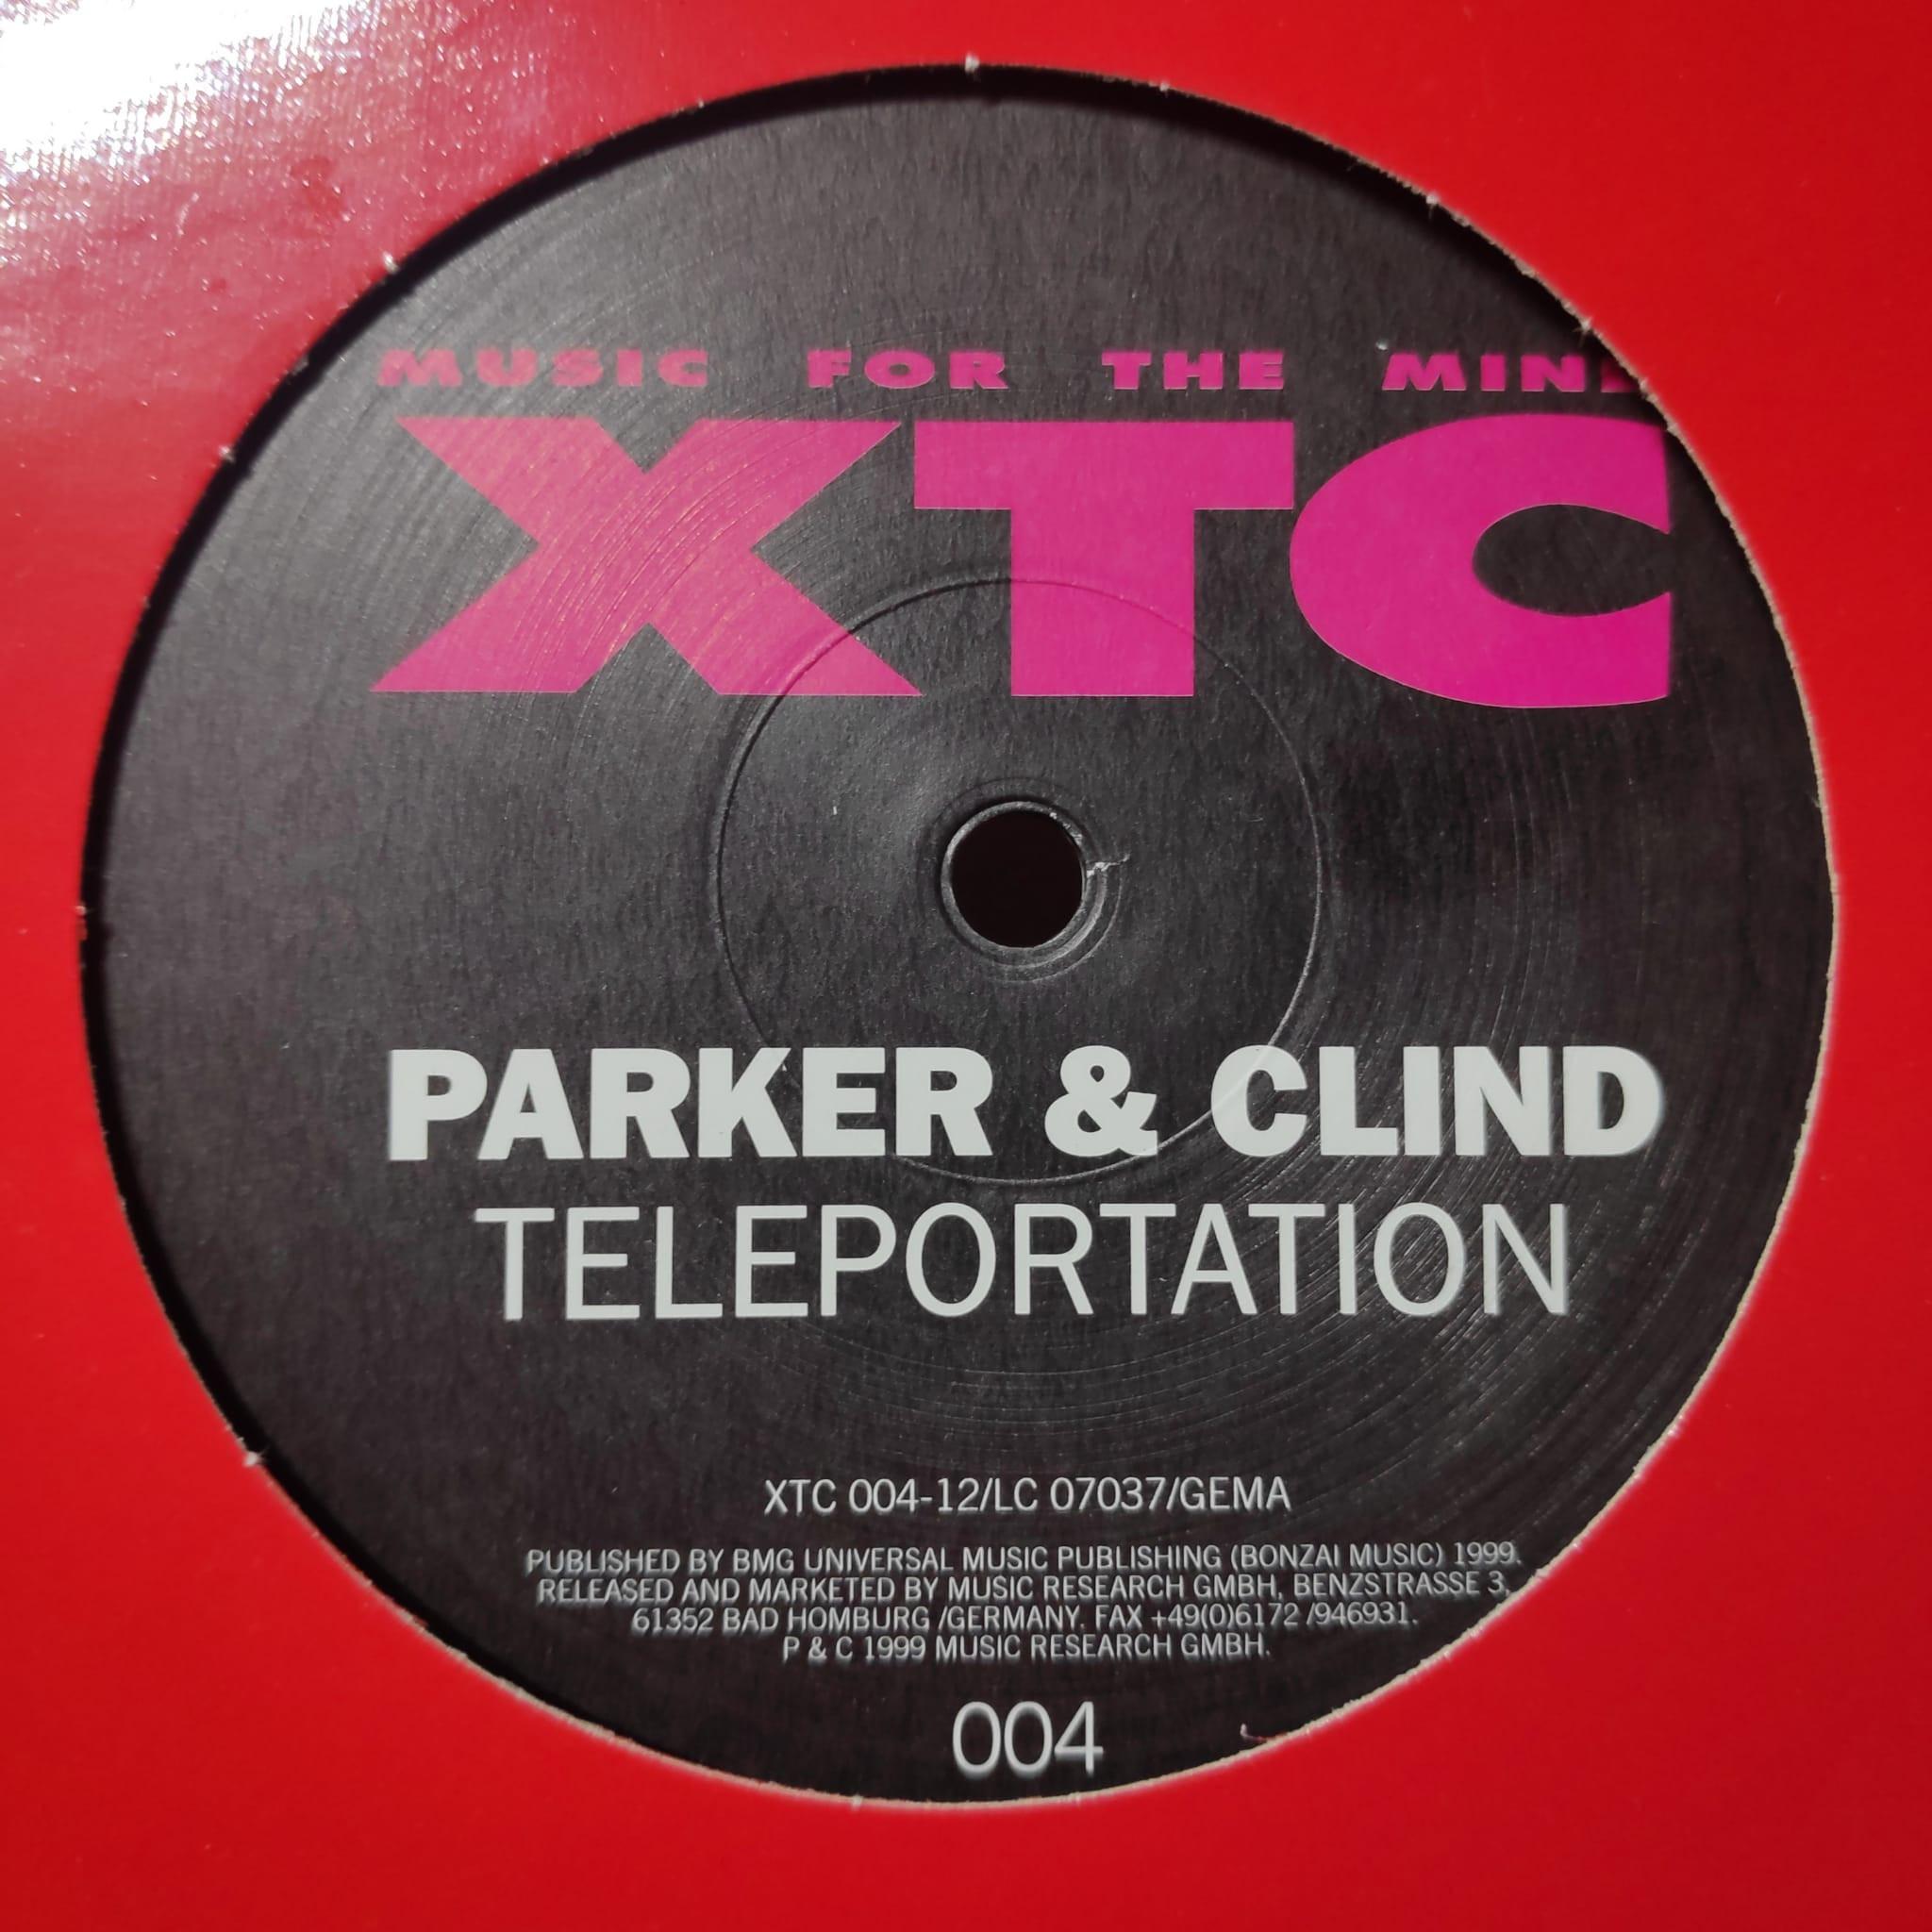 (27921) Parker & Clind – Teleportation